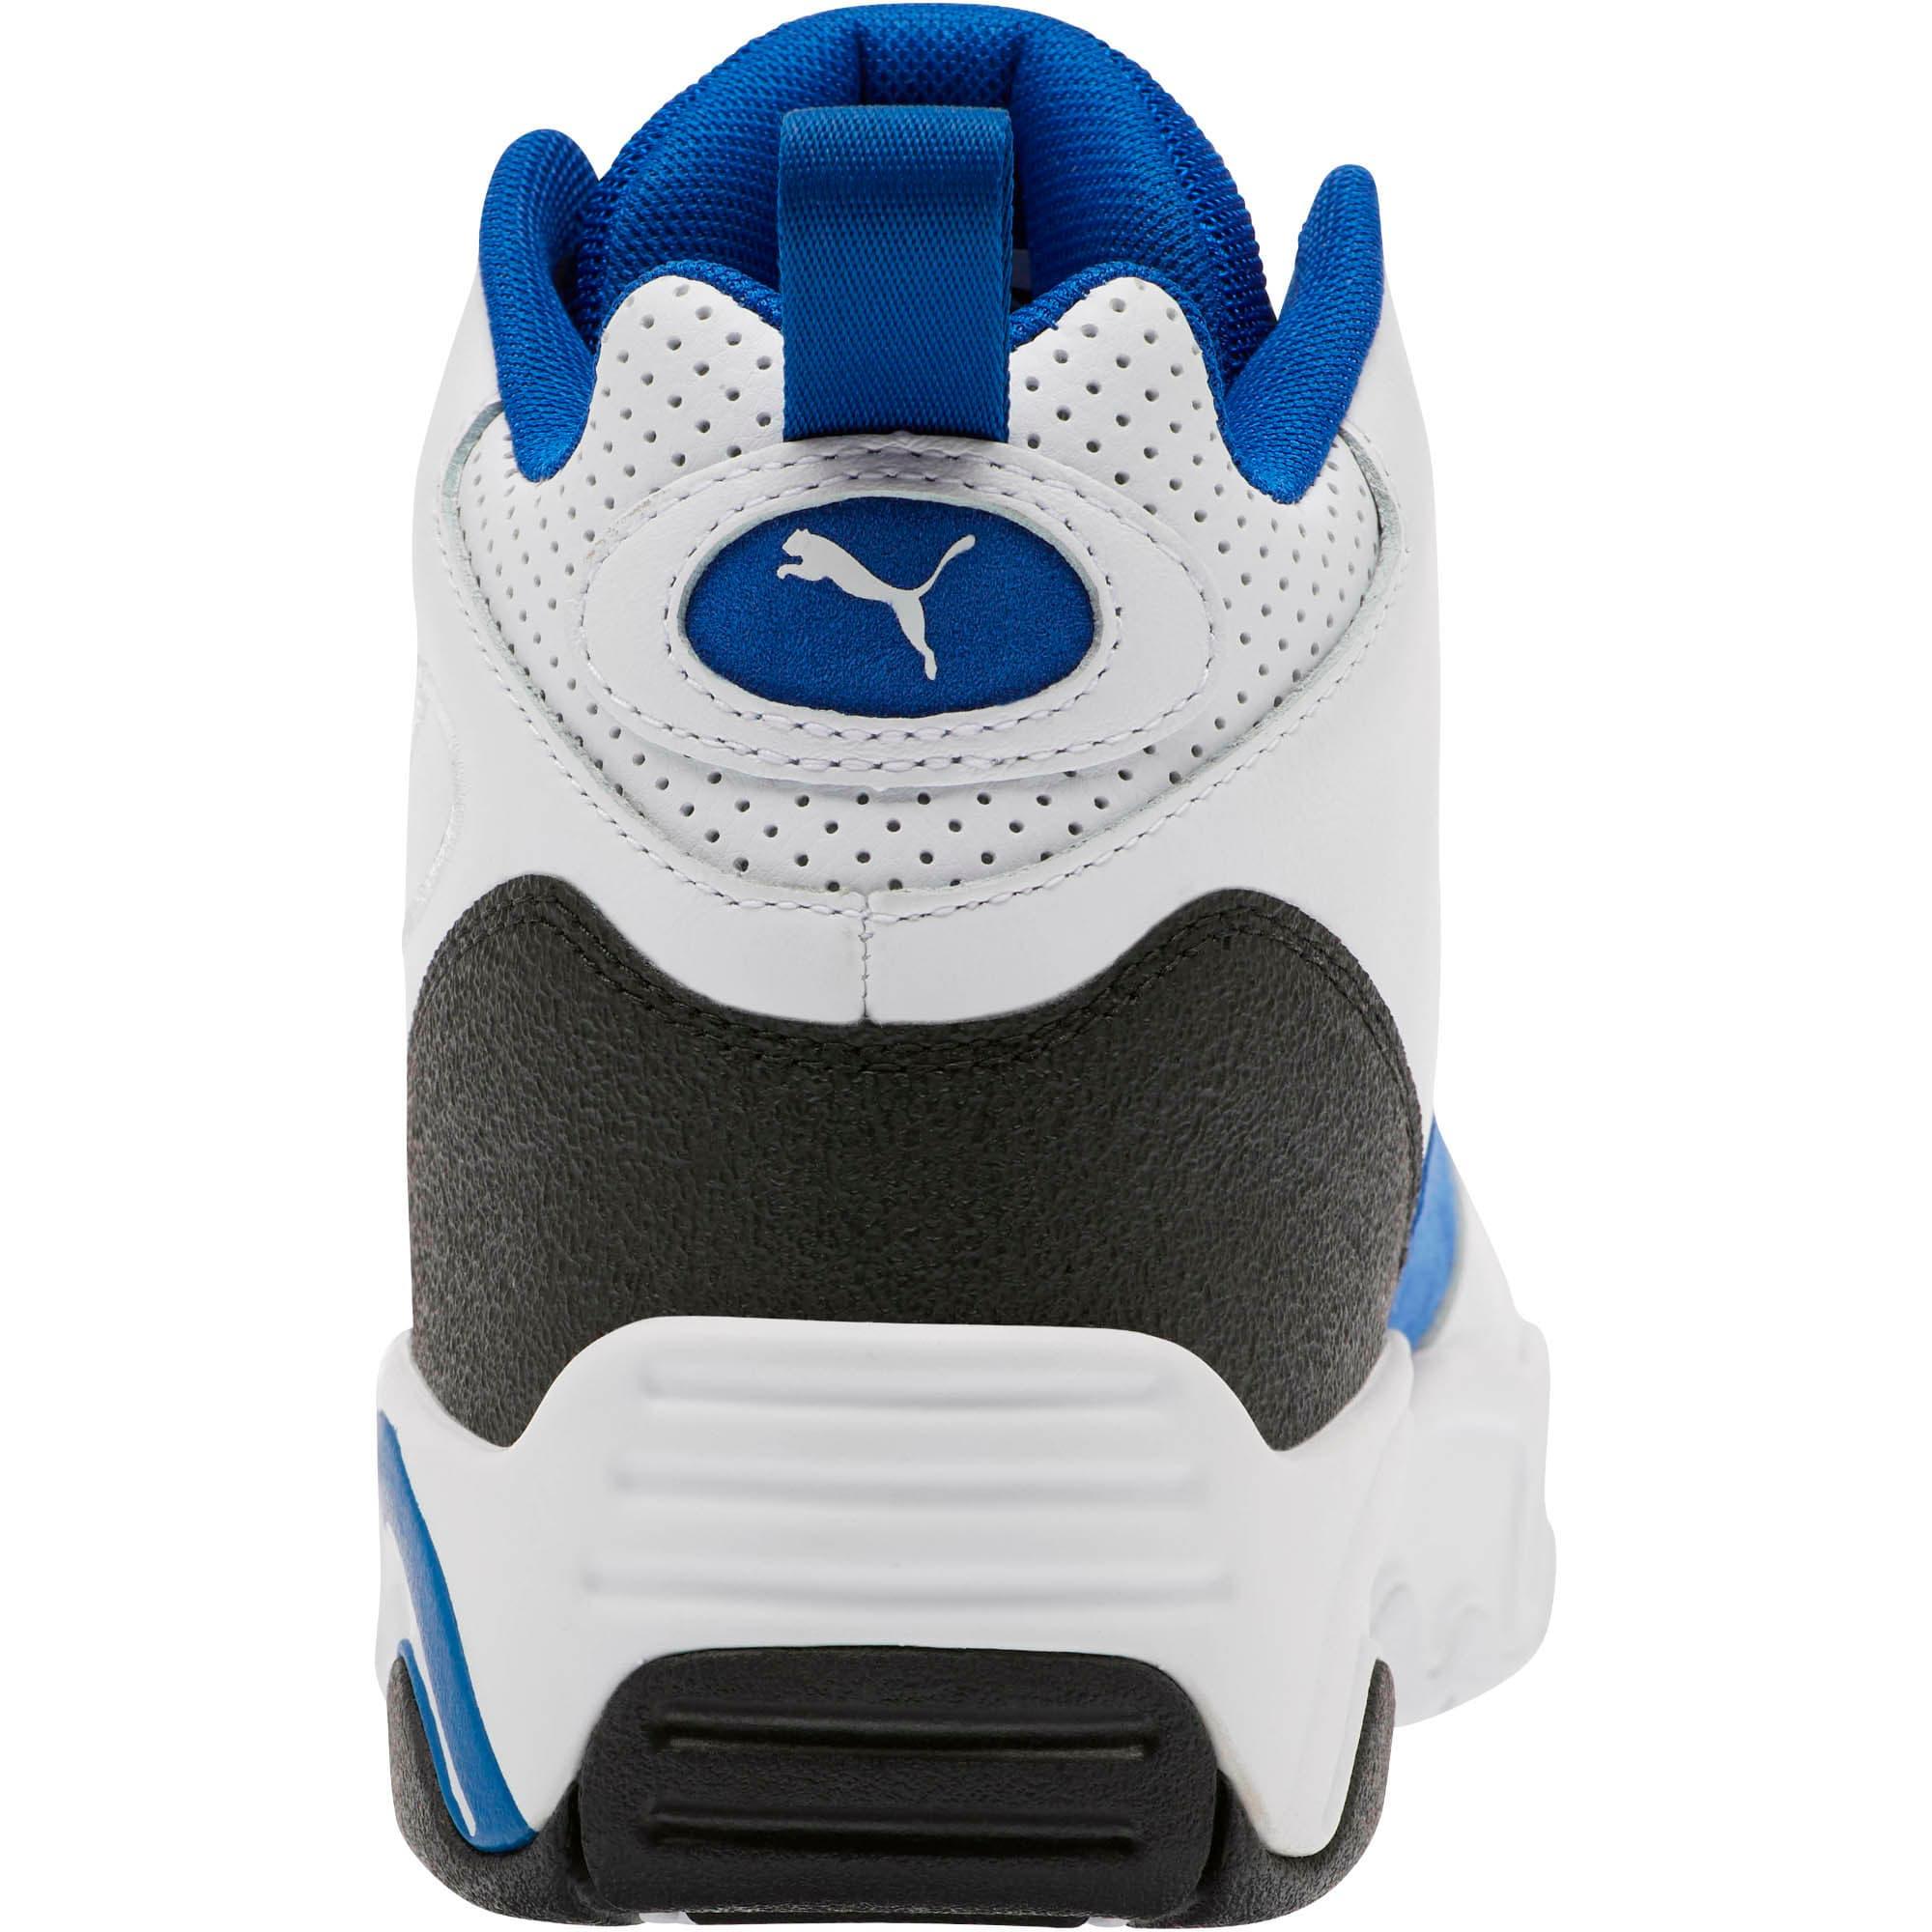 Miniatura 3 de Zapatos deportivos Source Mid Retro 2, P White-Surf The Web-Puma Bl, mediano